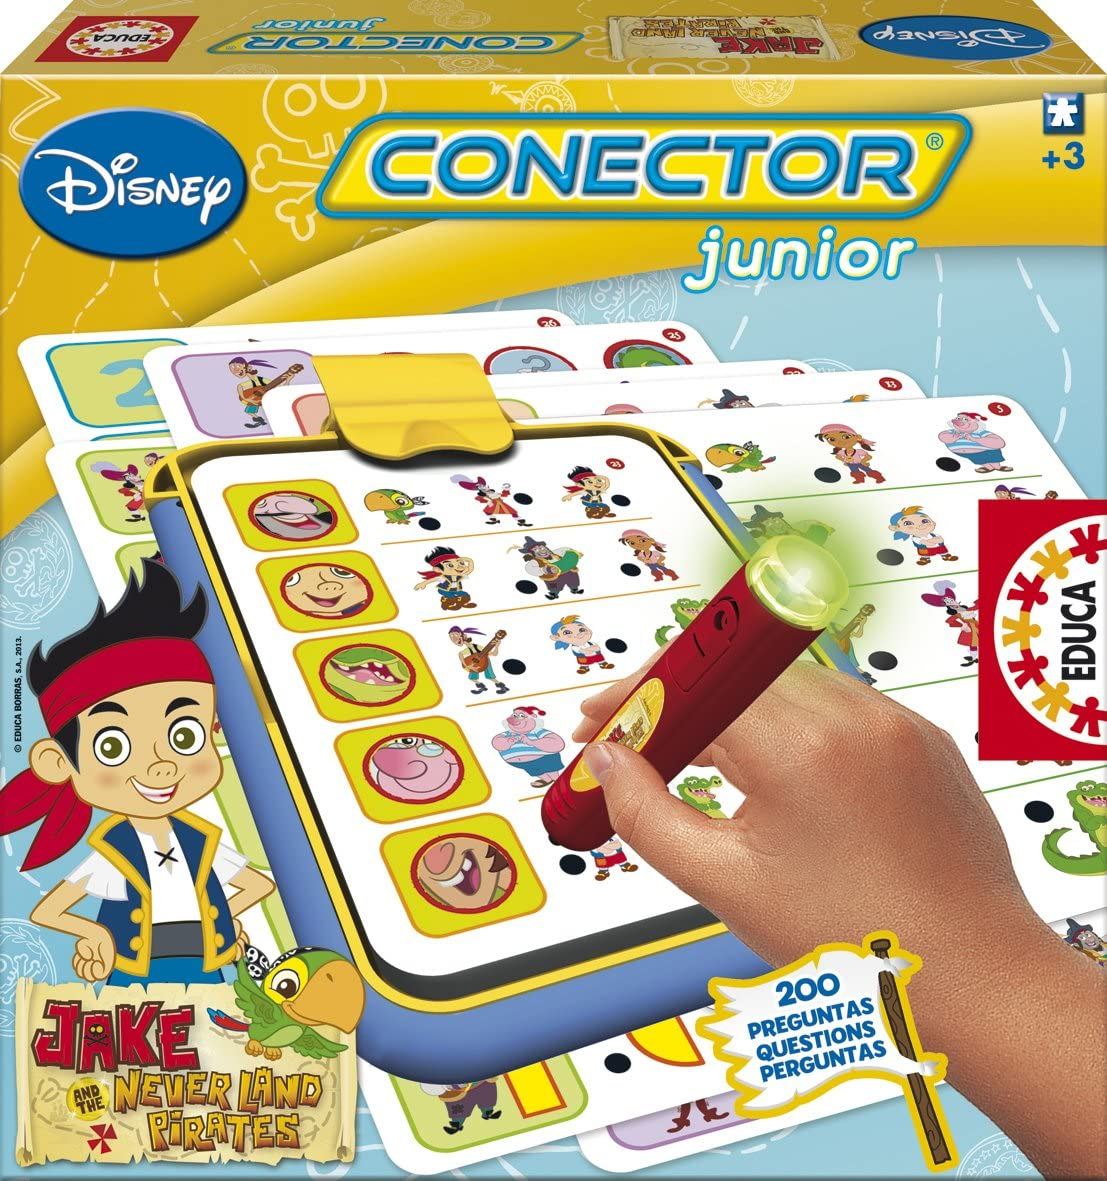 Educa Juegos - Jake y los Piratas de Nunca Jamás Conector Junior (15745): Amazon.es: Juguetes y juegos